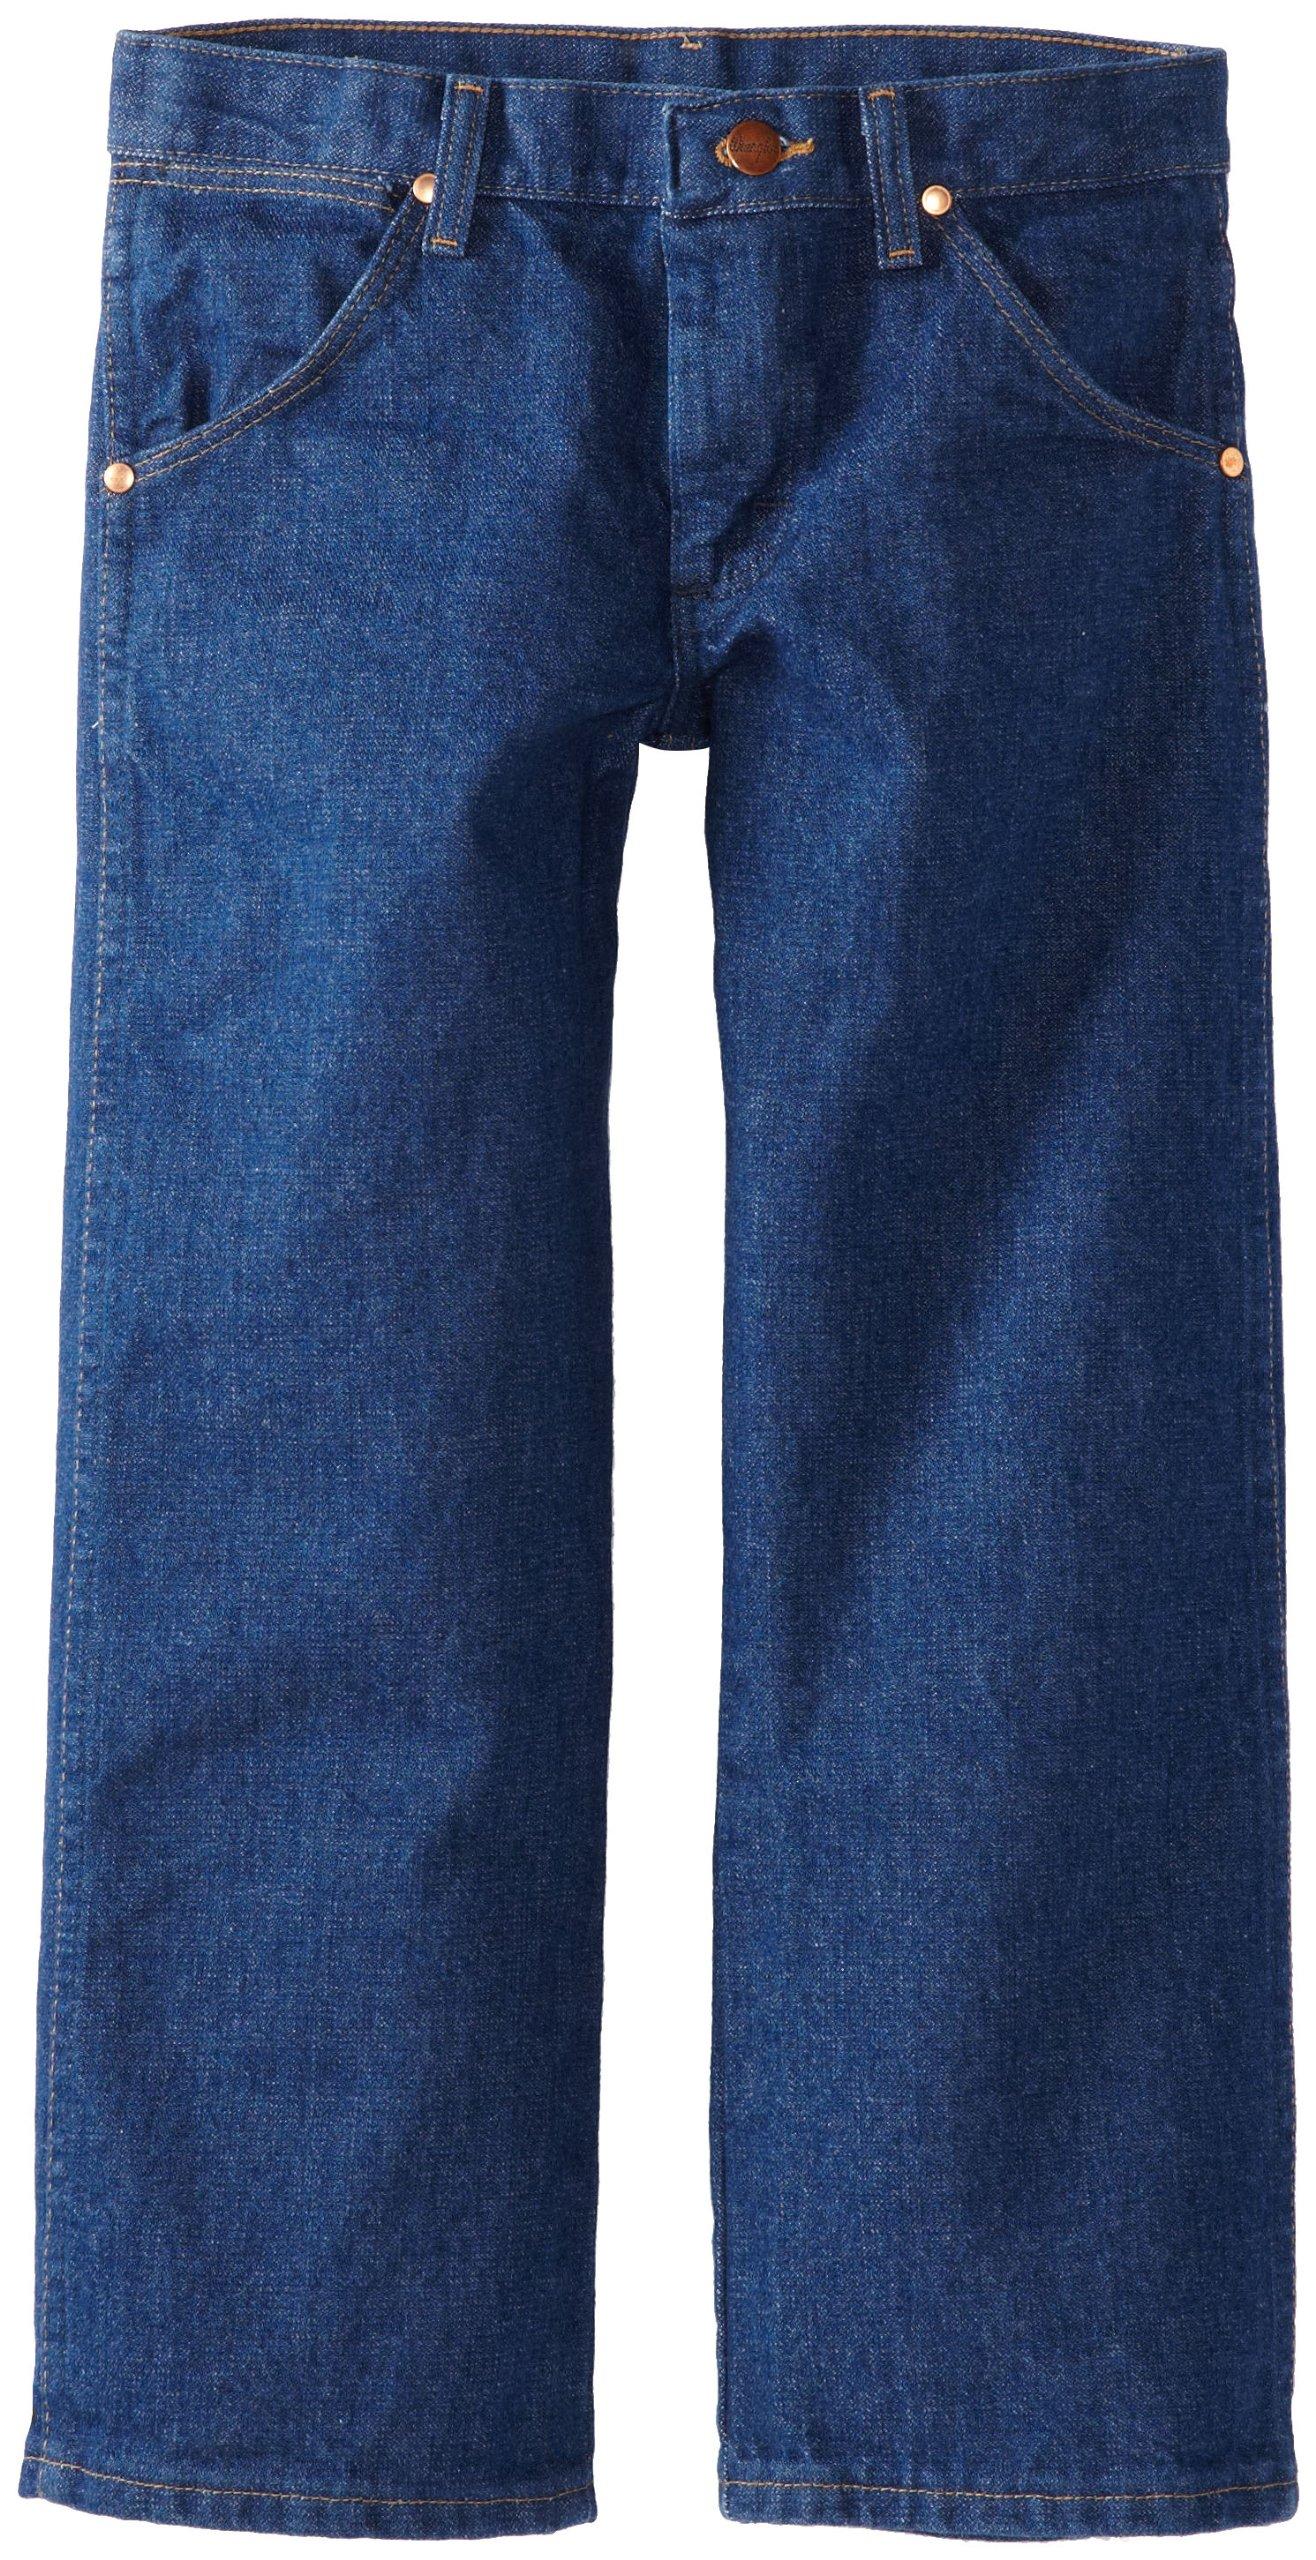 Wrangler Big Boys' Original ProRodeo Jeans, Prewashed Indigo Denim, 14 Husky